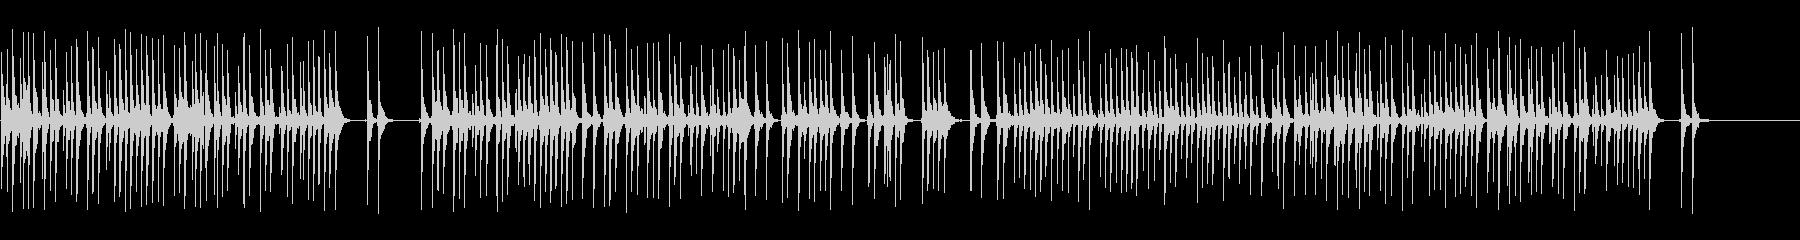 三線と沖縄民謡の未再生の波形